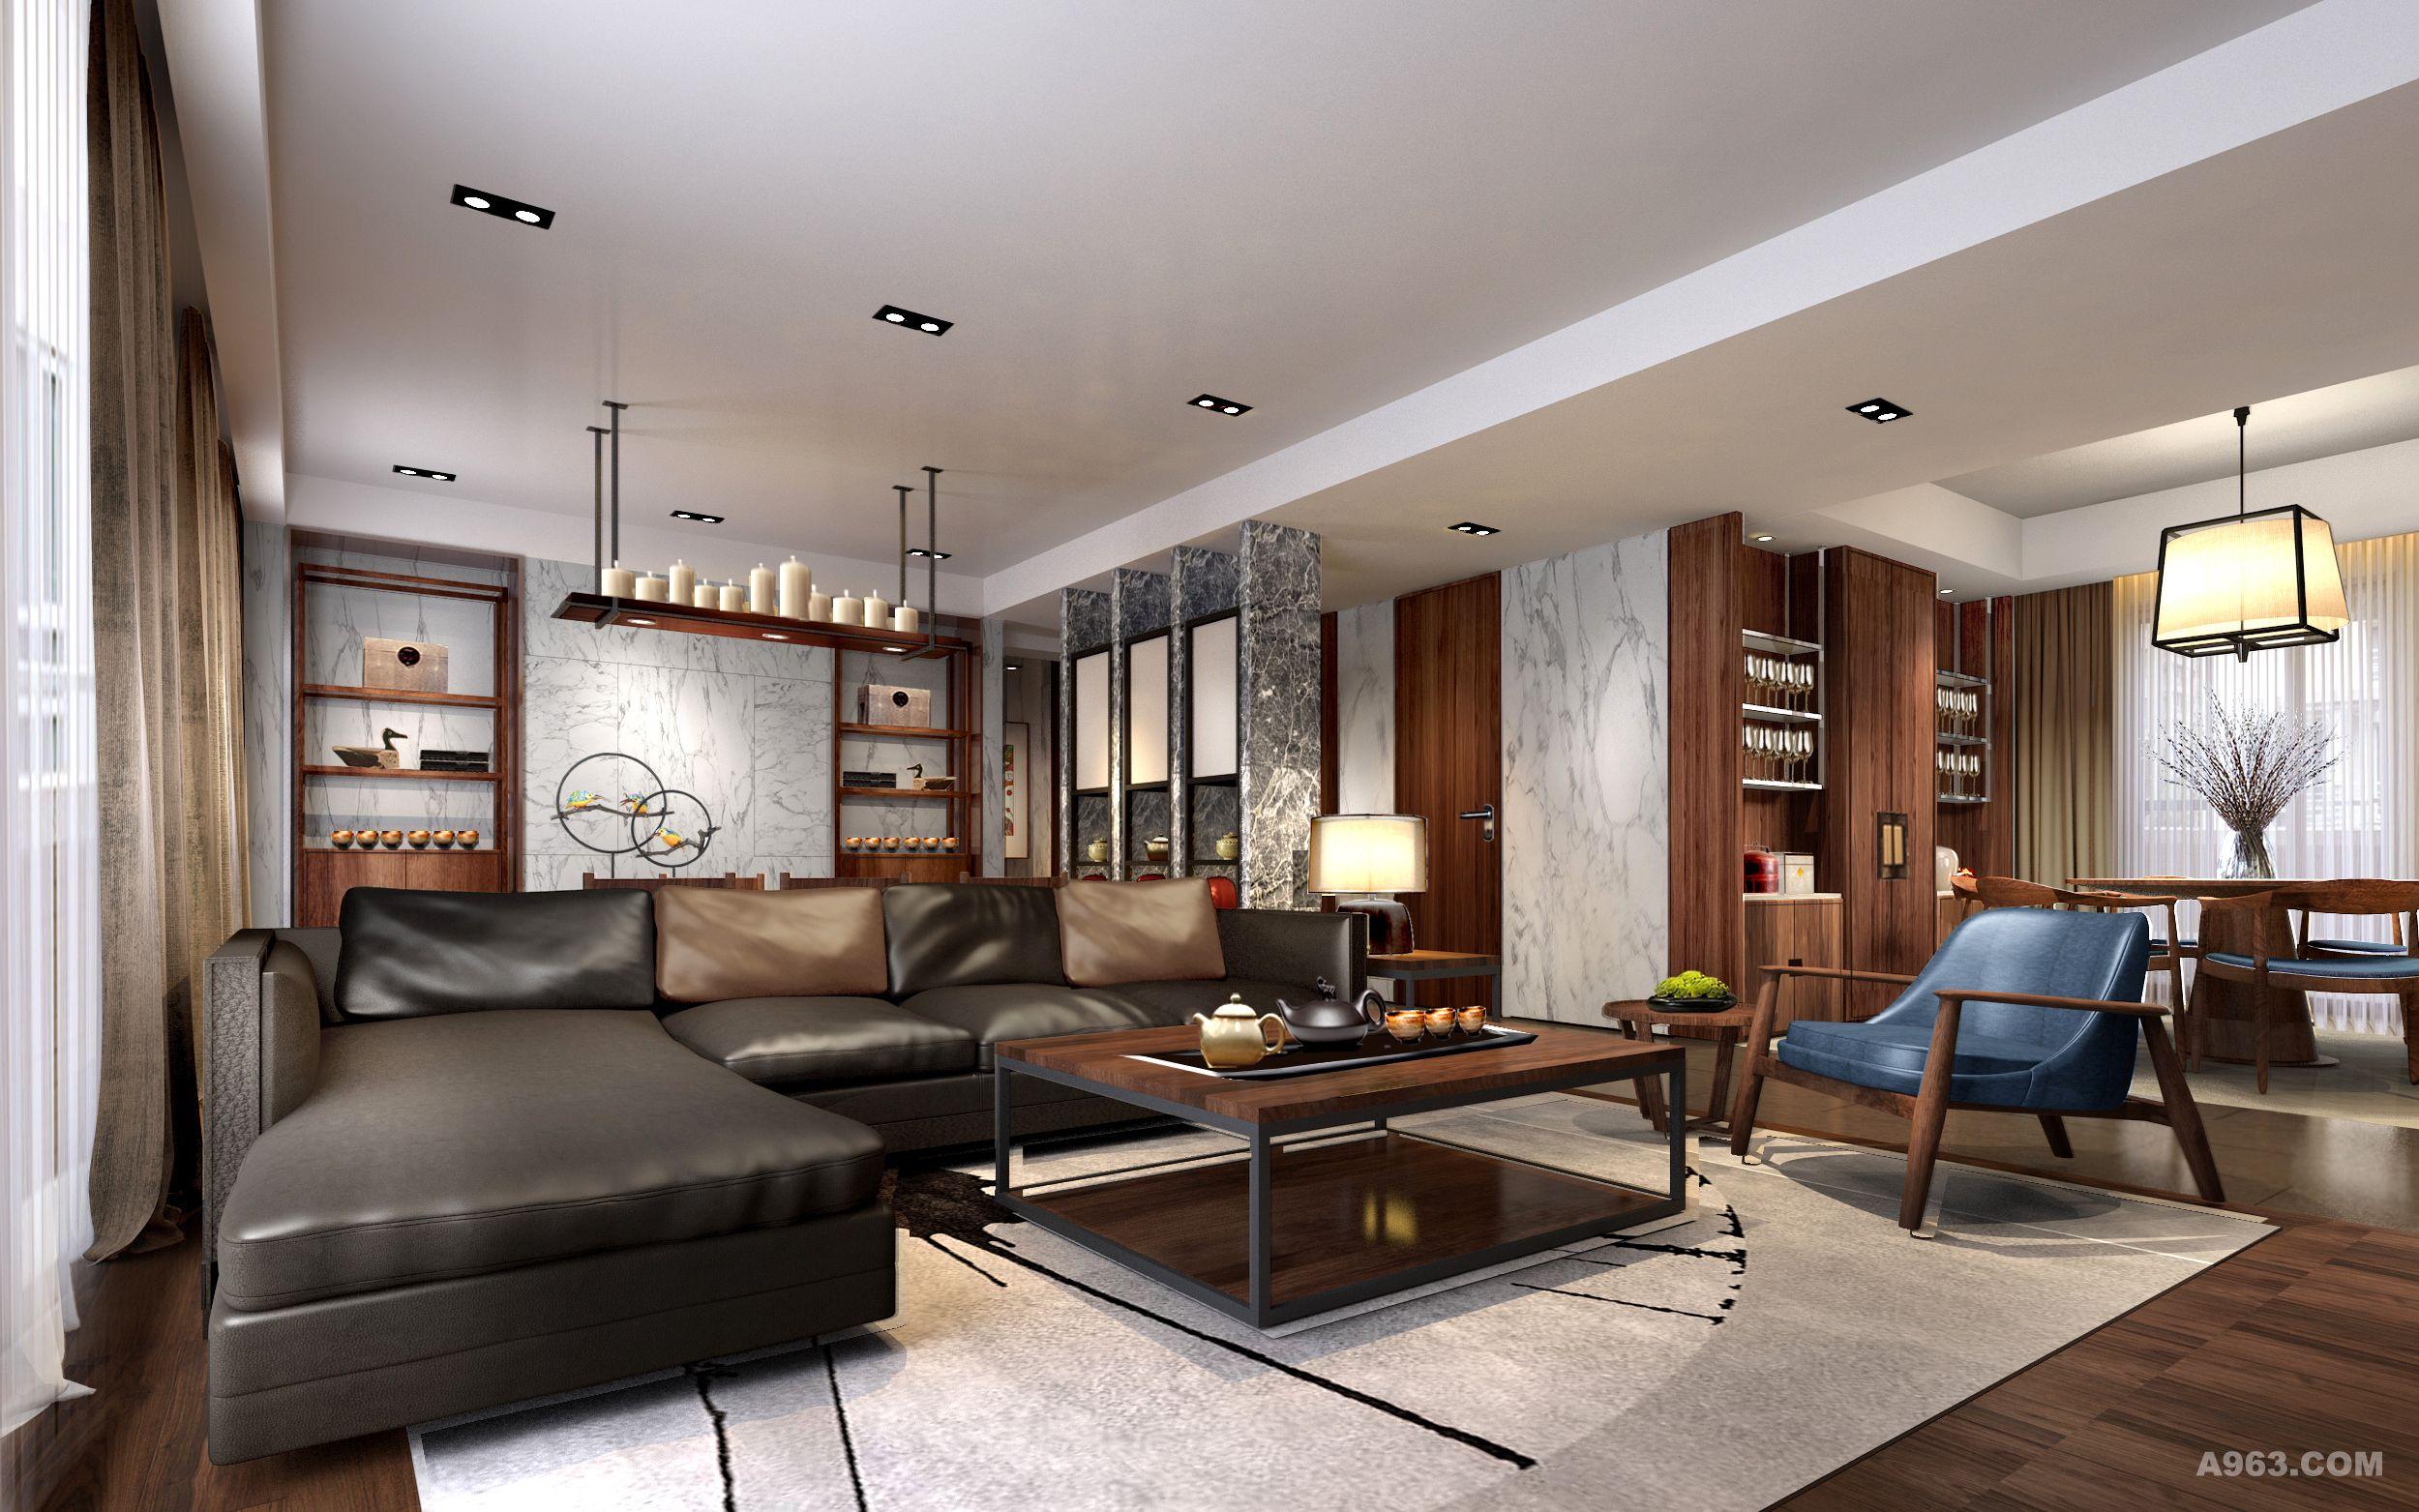 所以整个空间以实木为主,实木柜子,木地板,家具和灯具则选择时尚现代